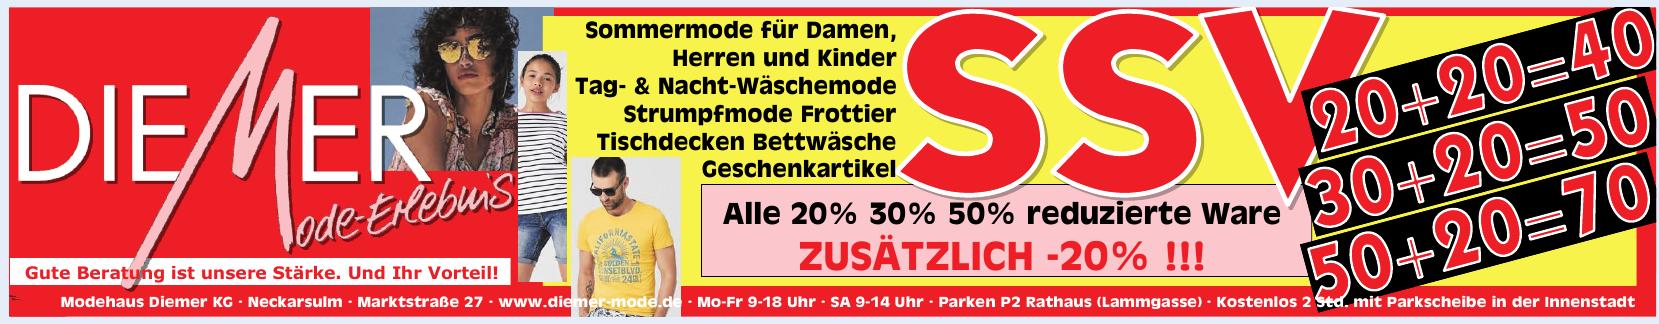 Modehaus Diemer KG